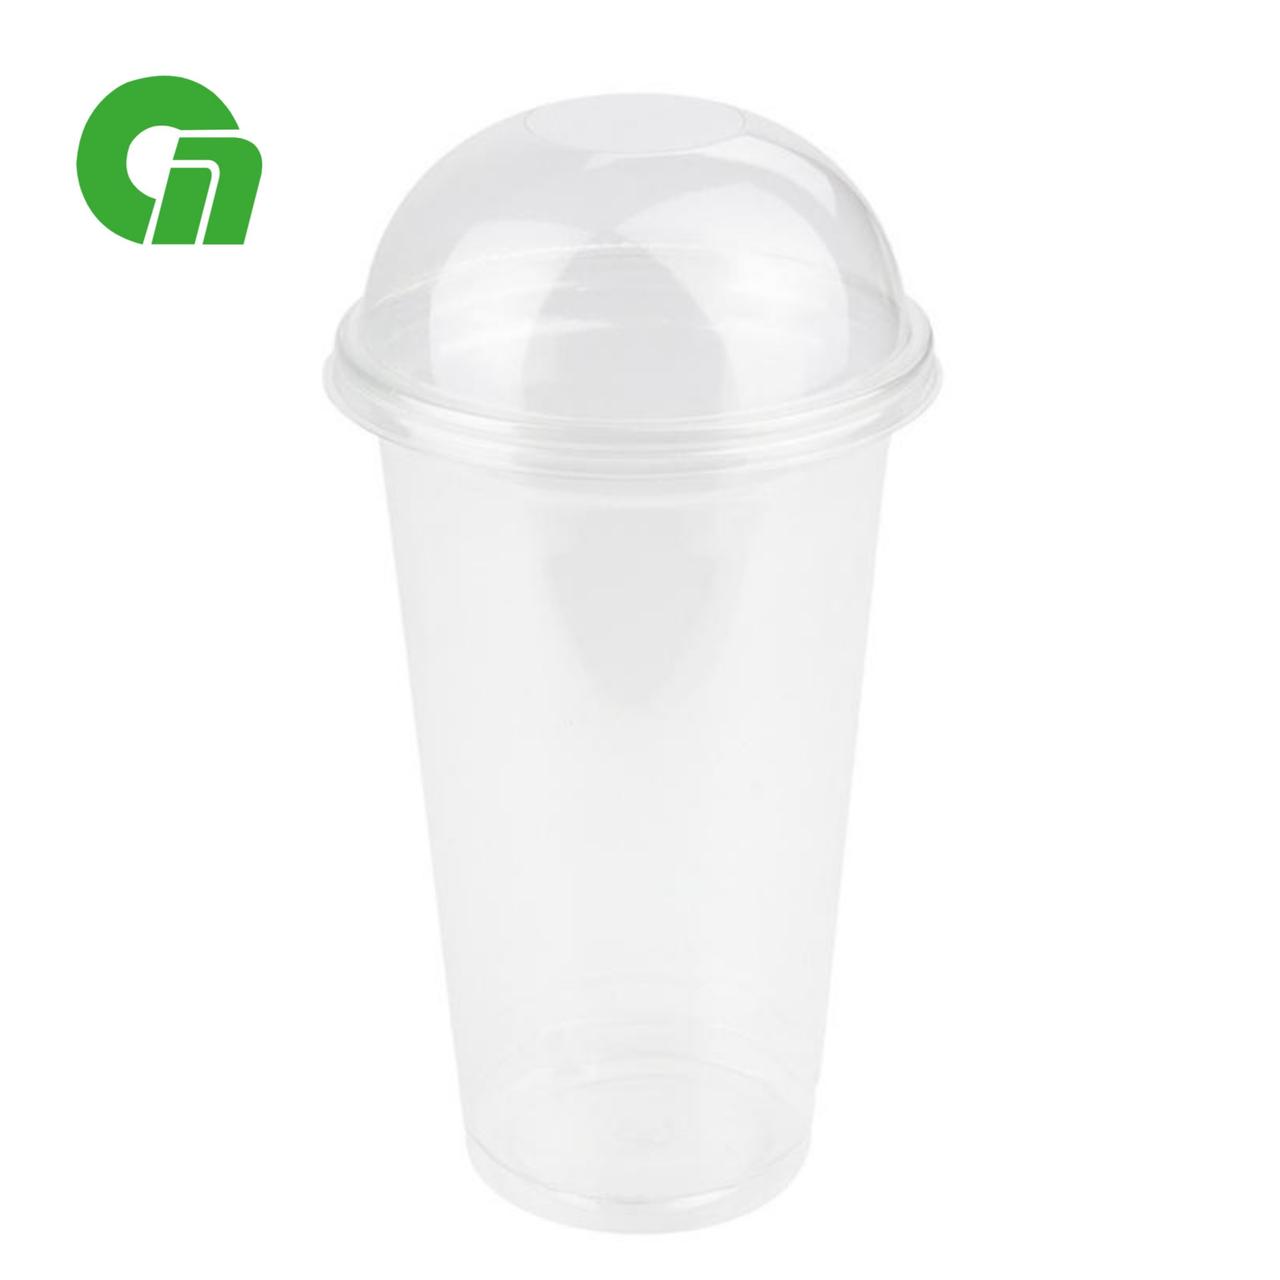 Стакан для коктейлей, пластиковый, с купольной крышкой (С отверстием/Без) - шейкер 500 мл(20 OZ) ПЭТ (50/1000)